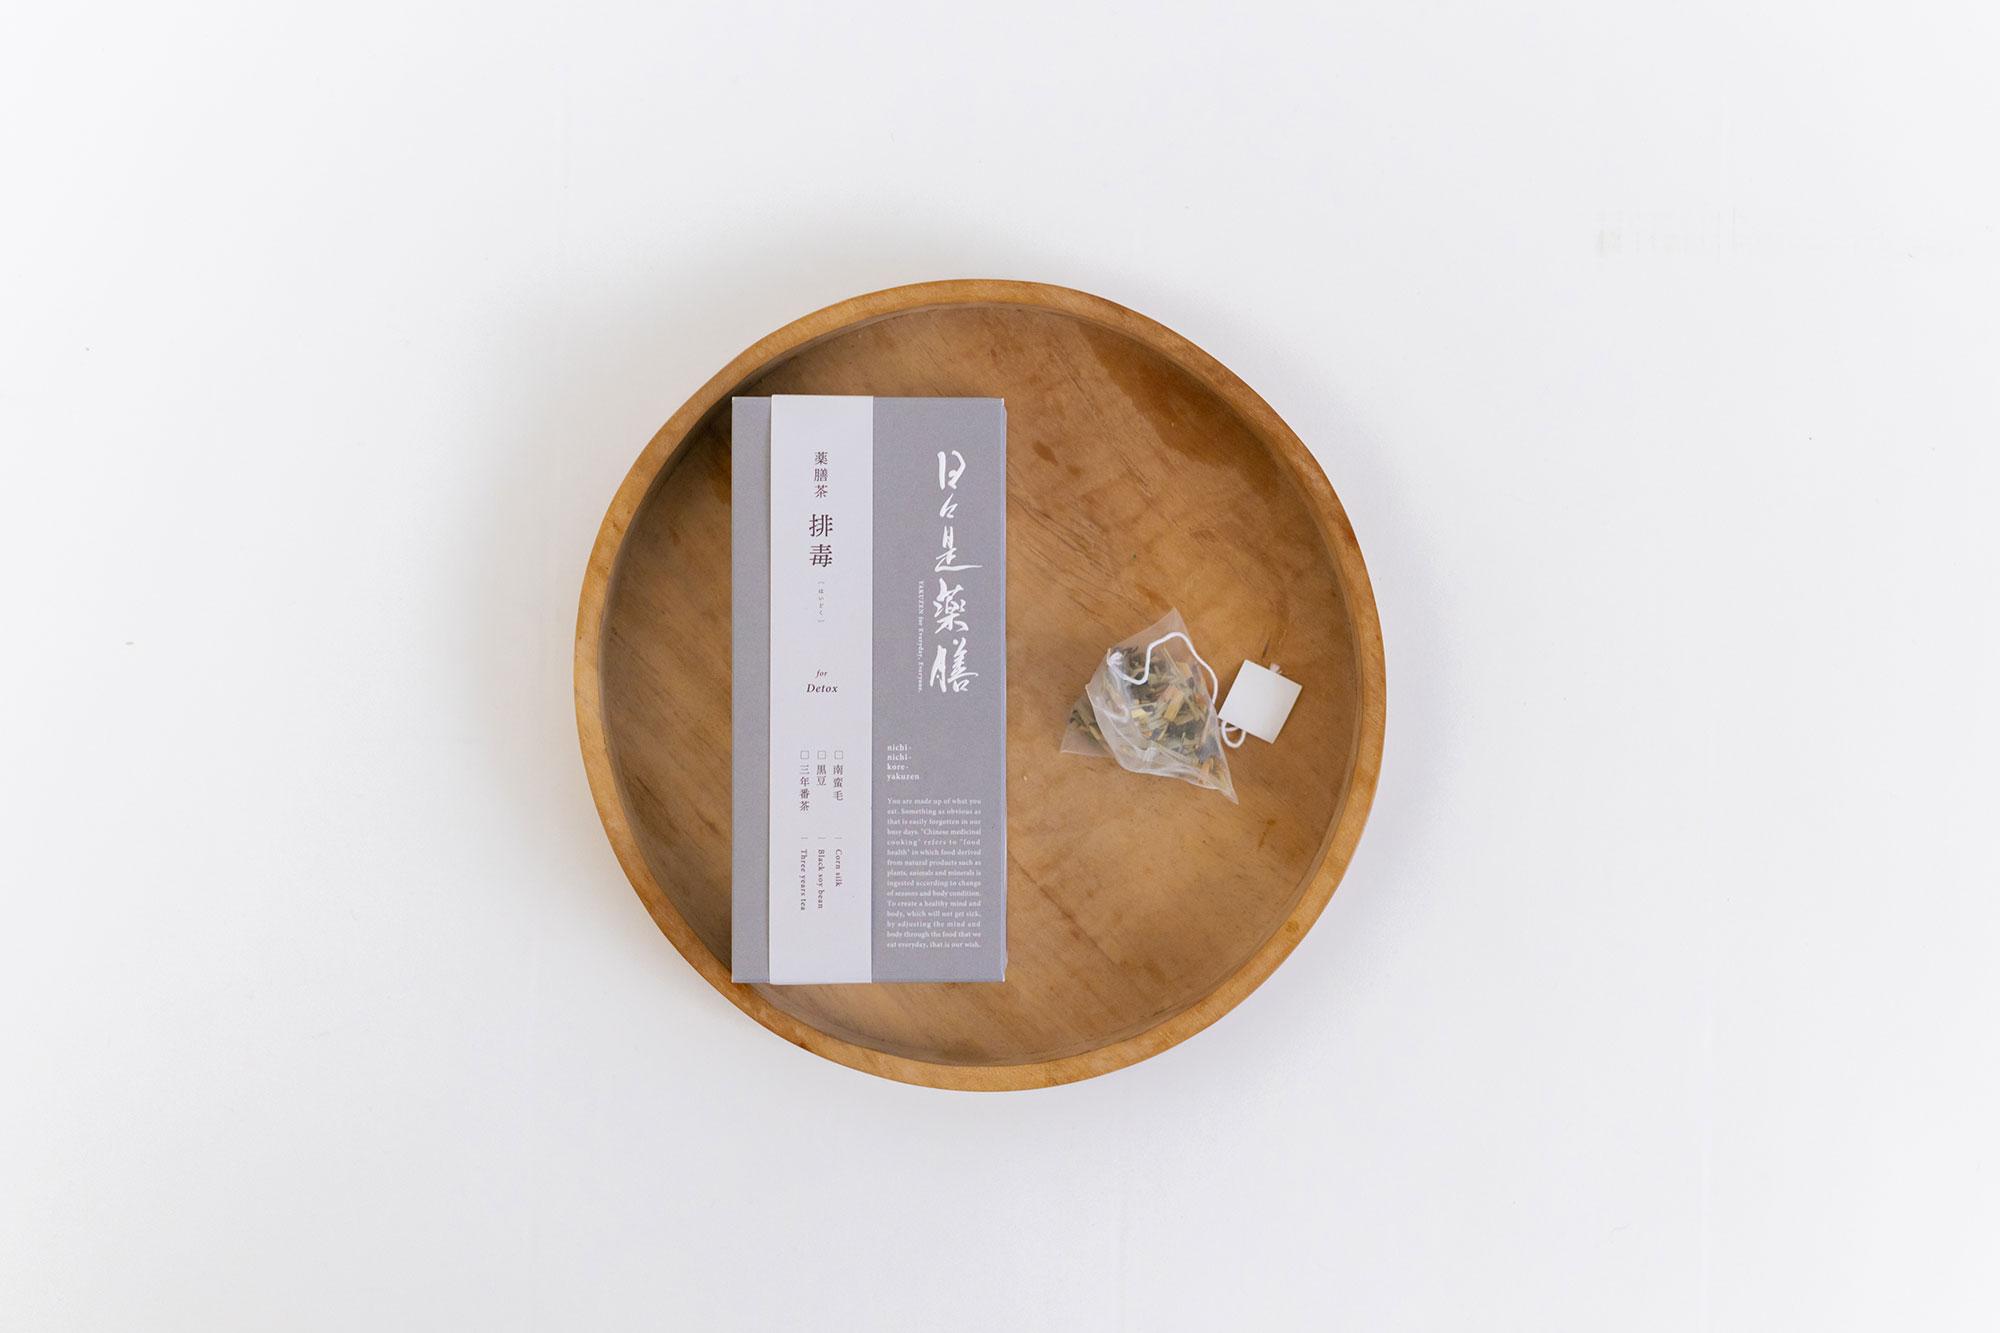 日々是薬膳 薬膳茶 排毒[はいどく]for Detox ティーバッグBOX